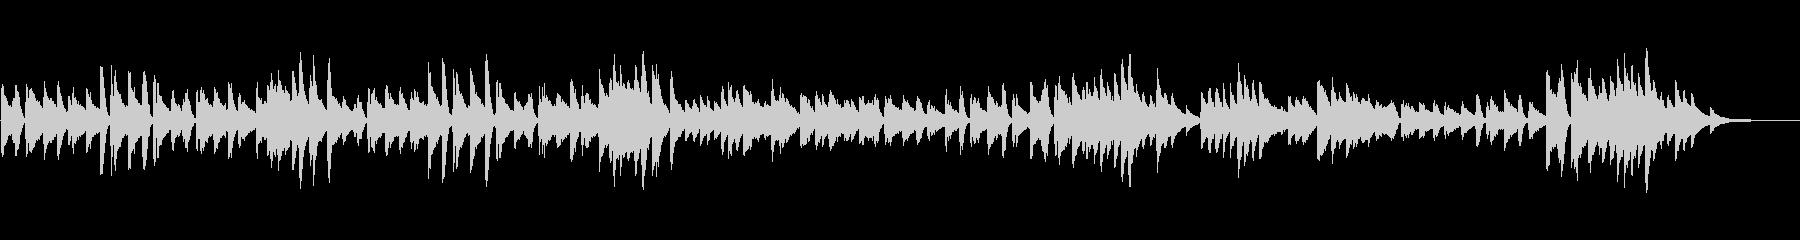 シューマン 軽快で純朴なピアノ曲 高音質の未再生の波形